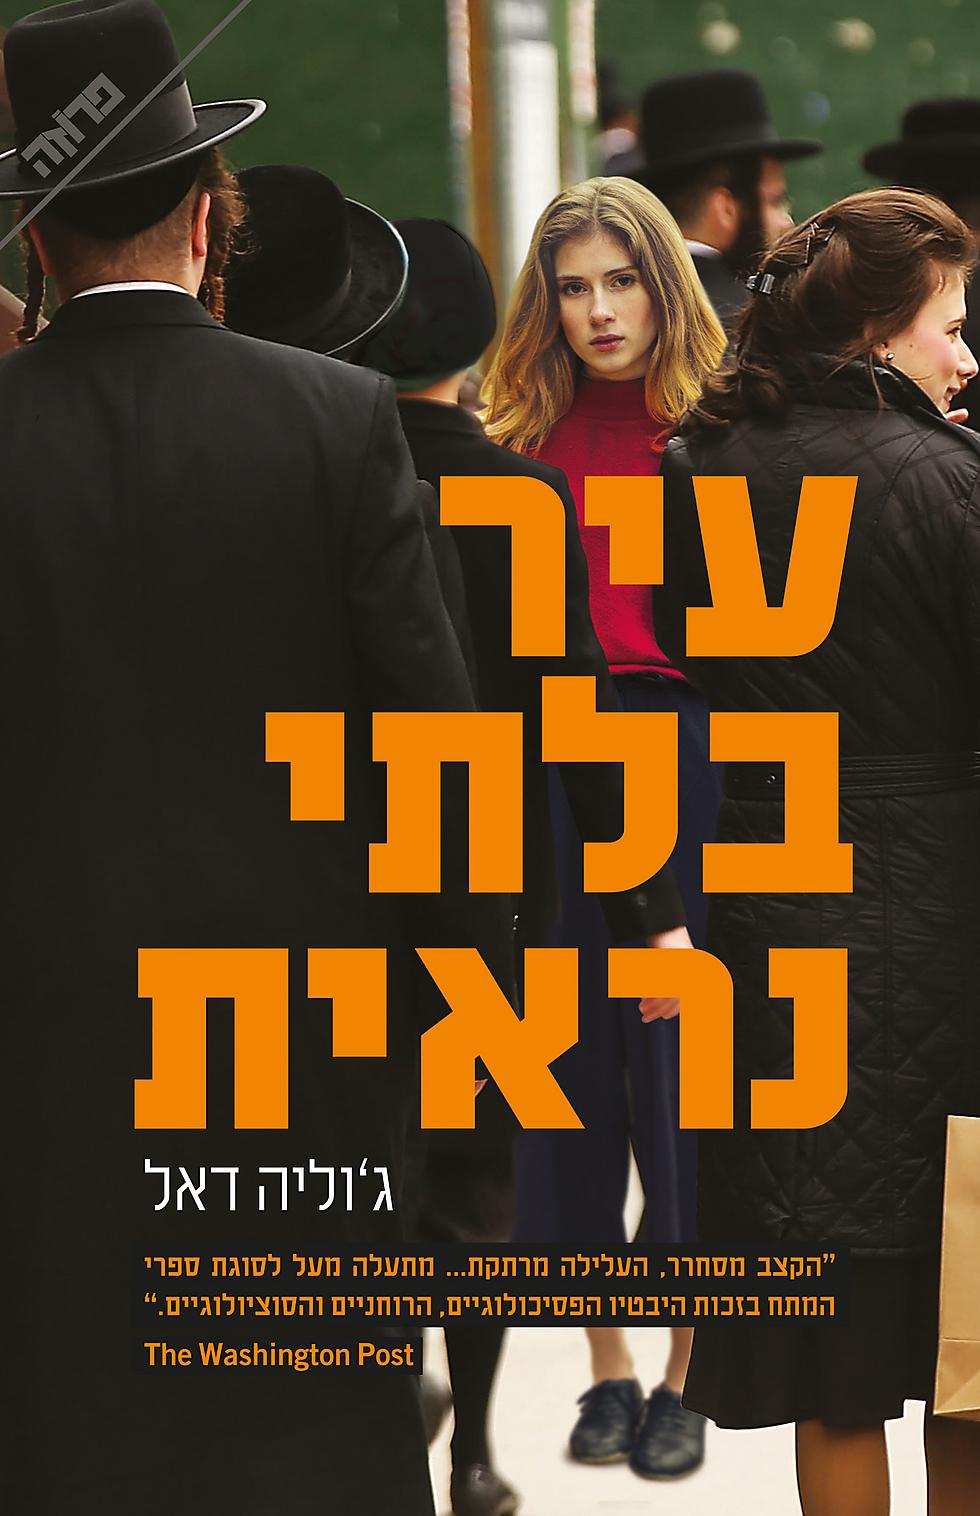 """עטיפת הספר. """"רבים בקהילה החרדית קראו את הספר"""" (צילום: פן הוצאה לאור)"""